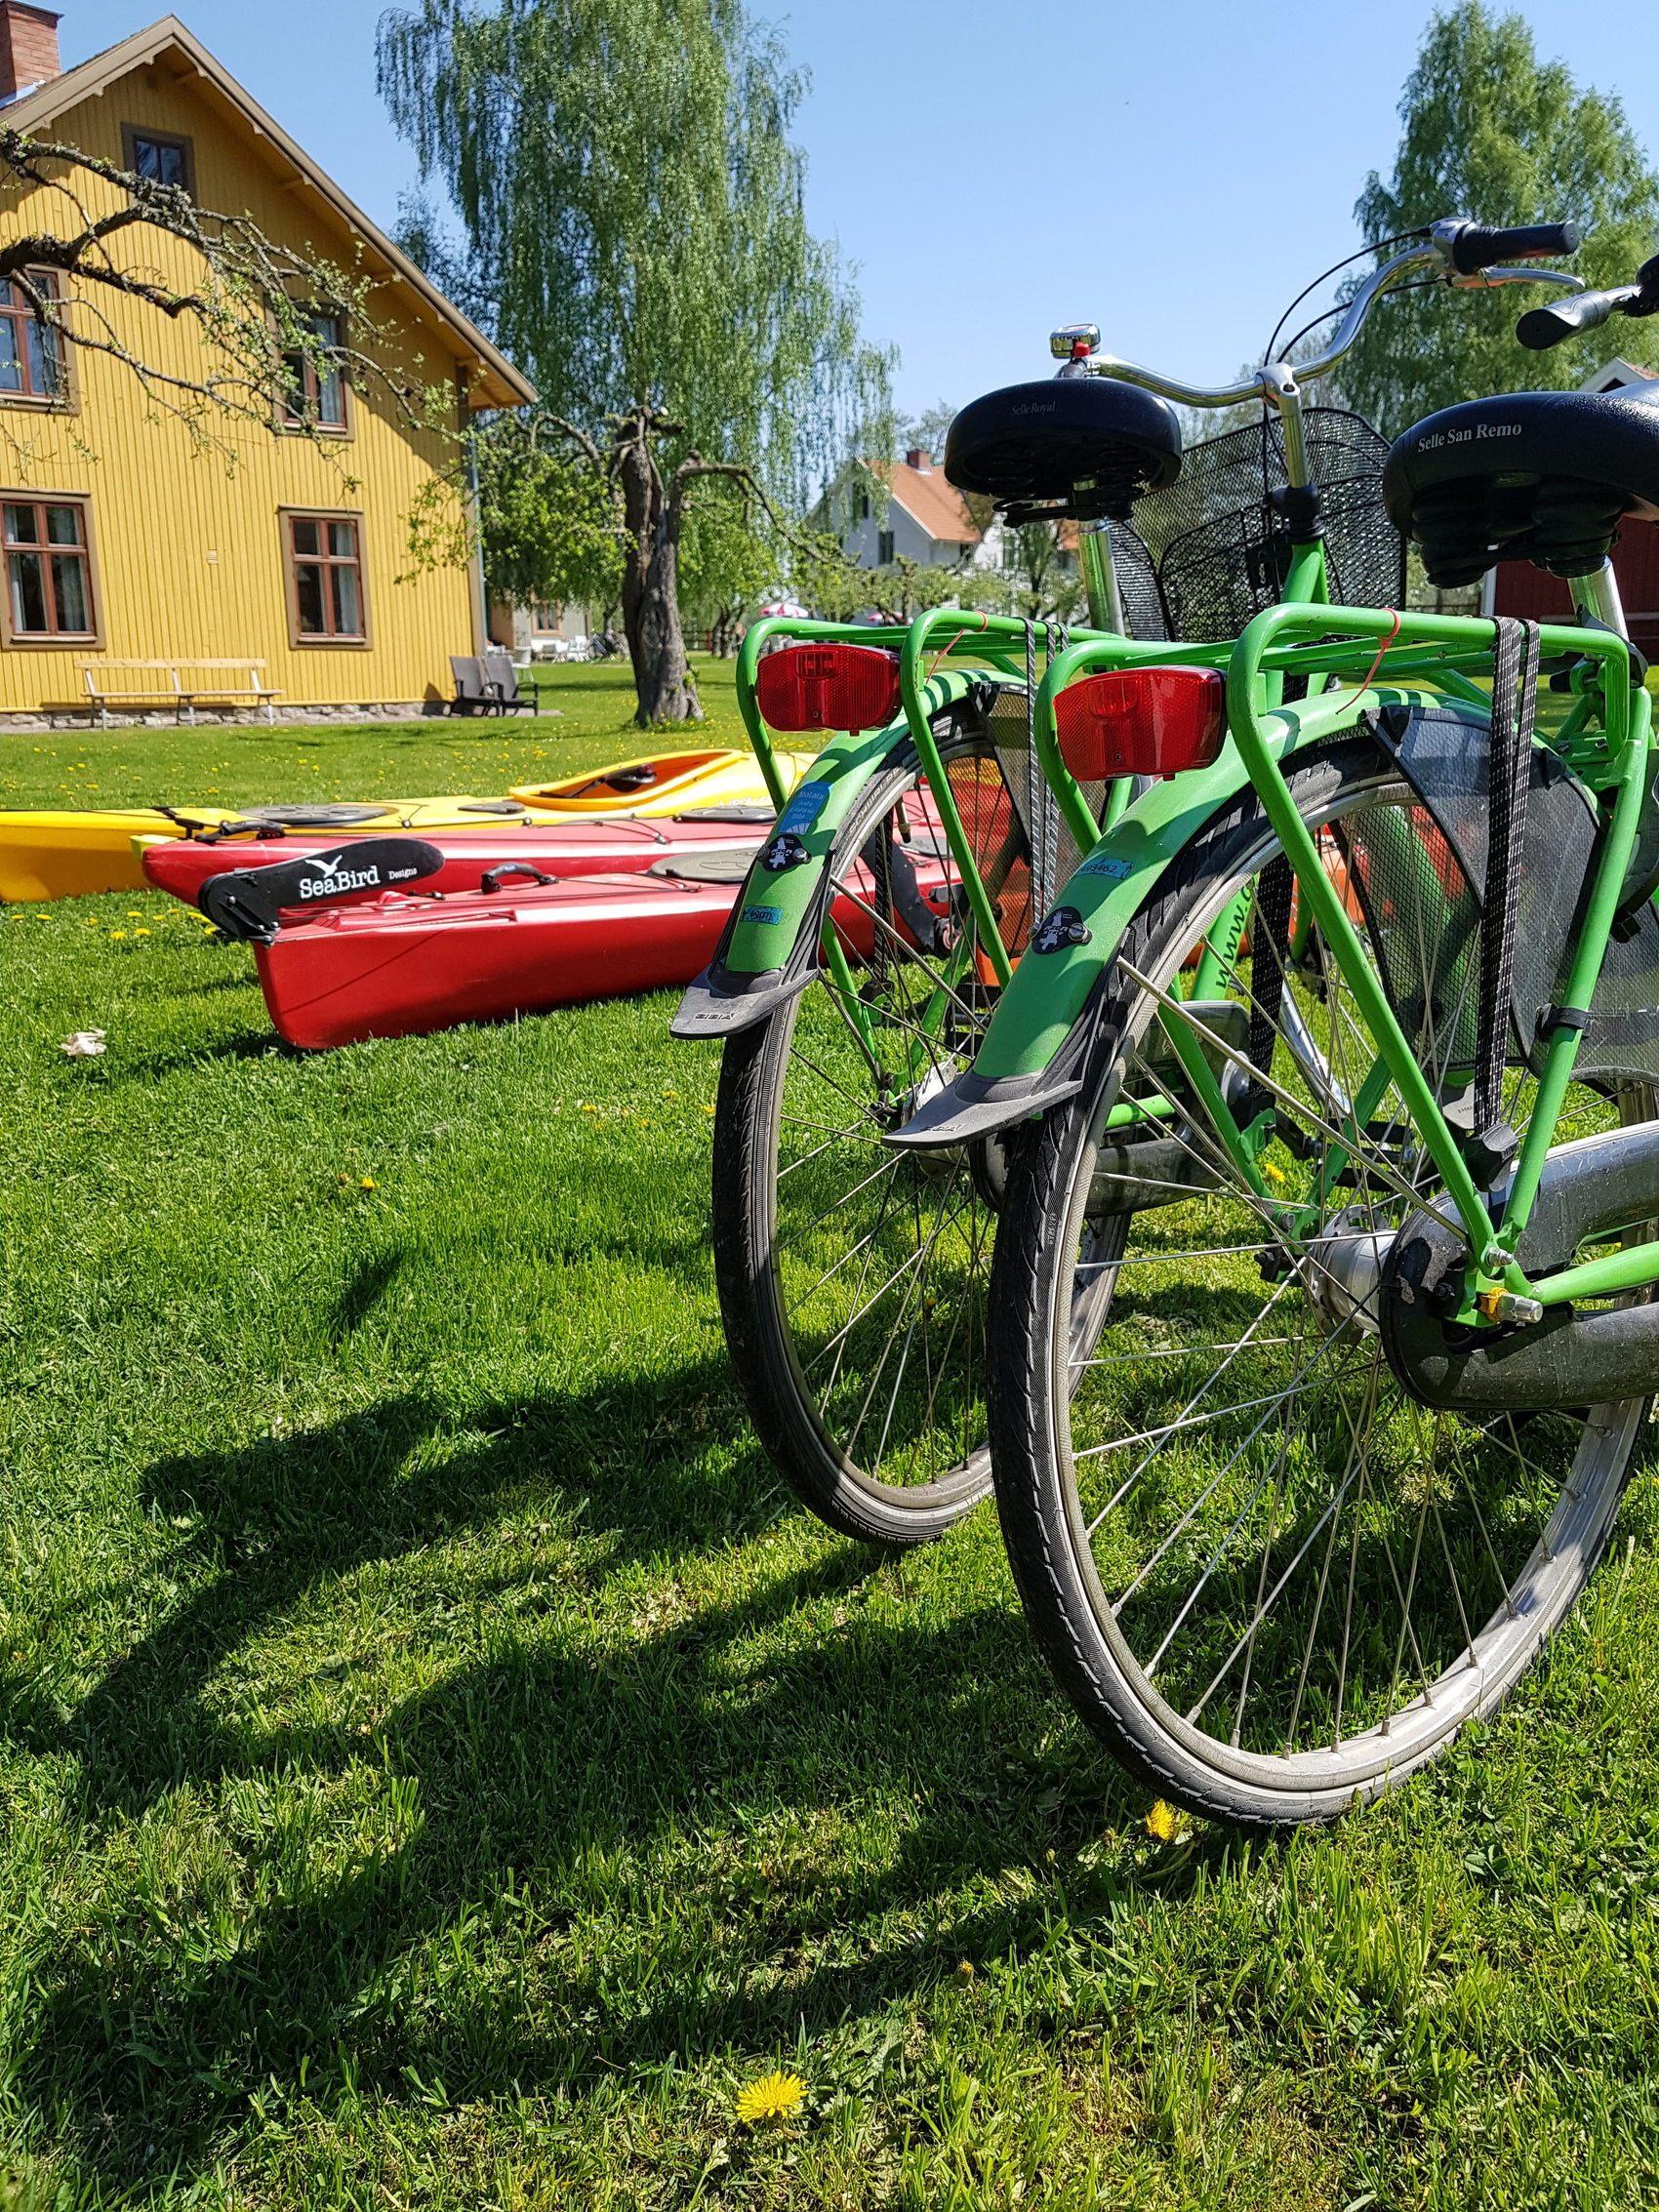 Två gröna cyklar står uppställda på en gräsplan. I bakgrunden ligger röda och gula kanoter.